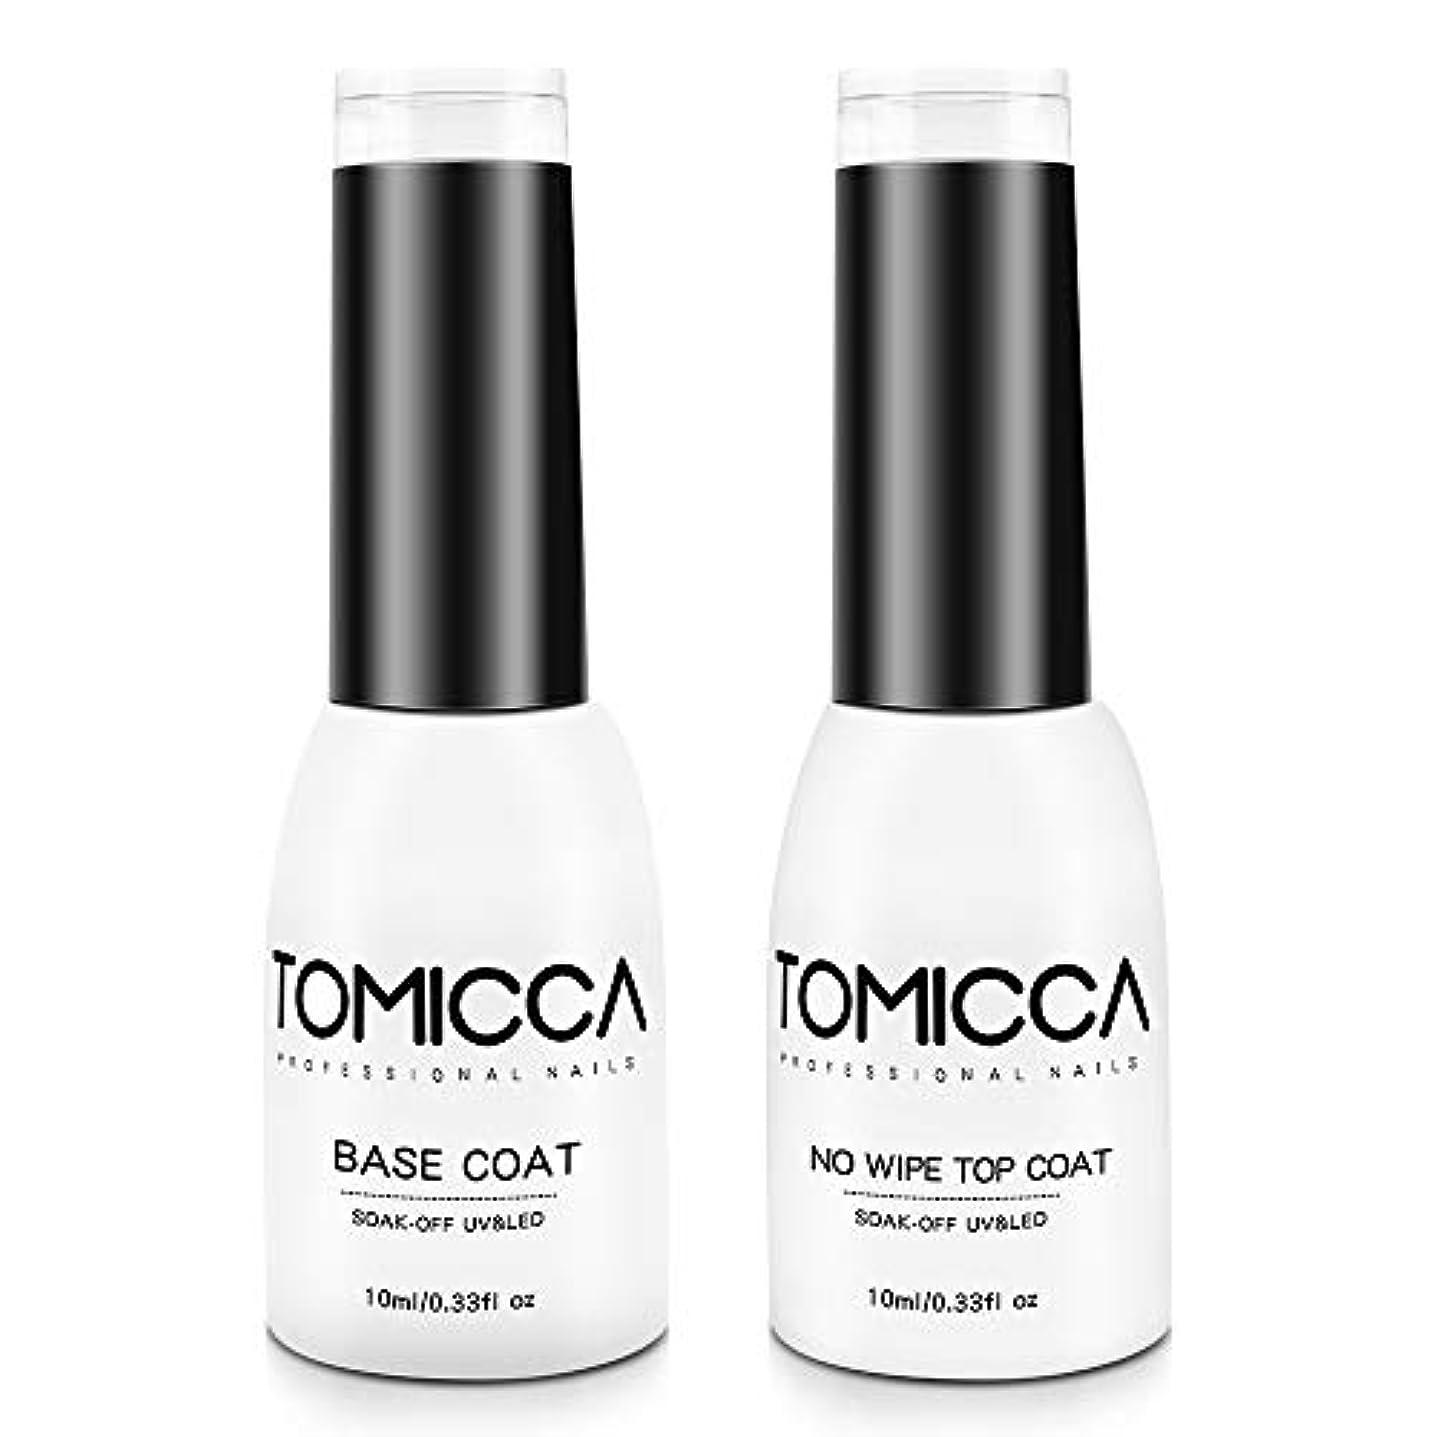 競争複雑神経TOMICCA ジェルネイル ベースコート トップコート 10ml 2本セット 拭き取り不要 UV/LED対応 大容量 (ベース&トップコート)